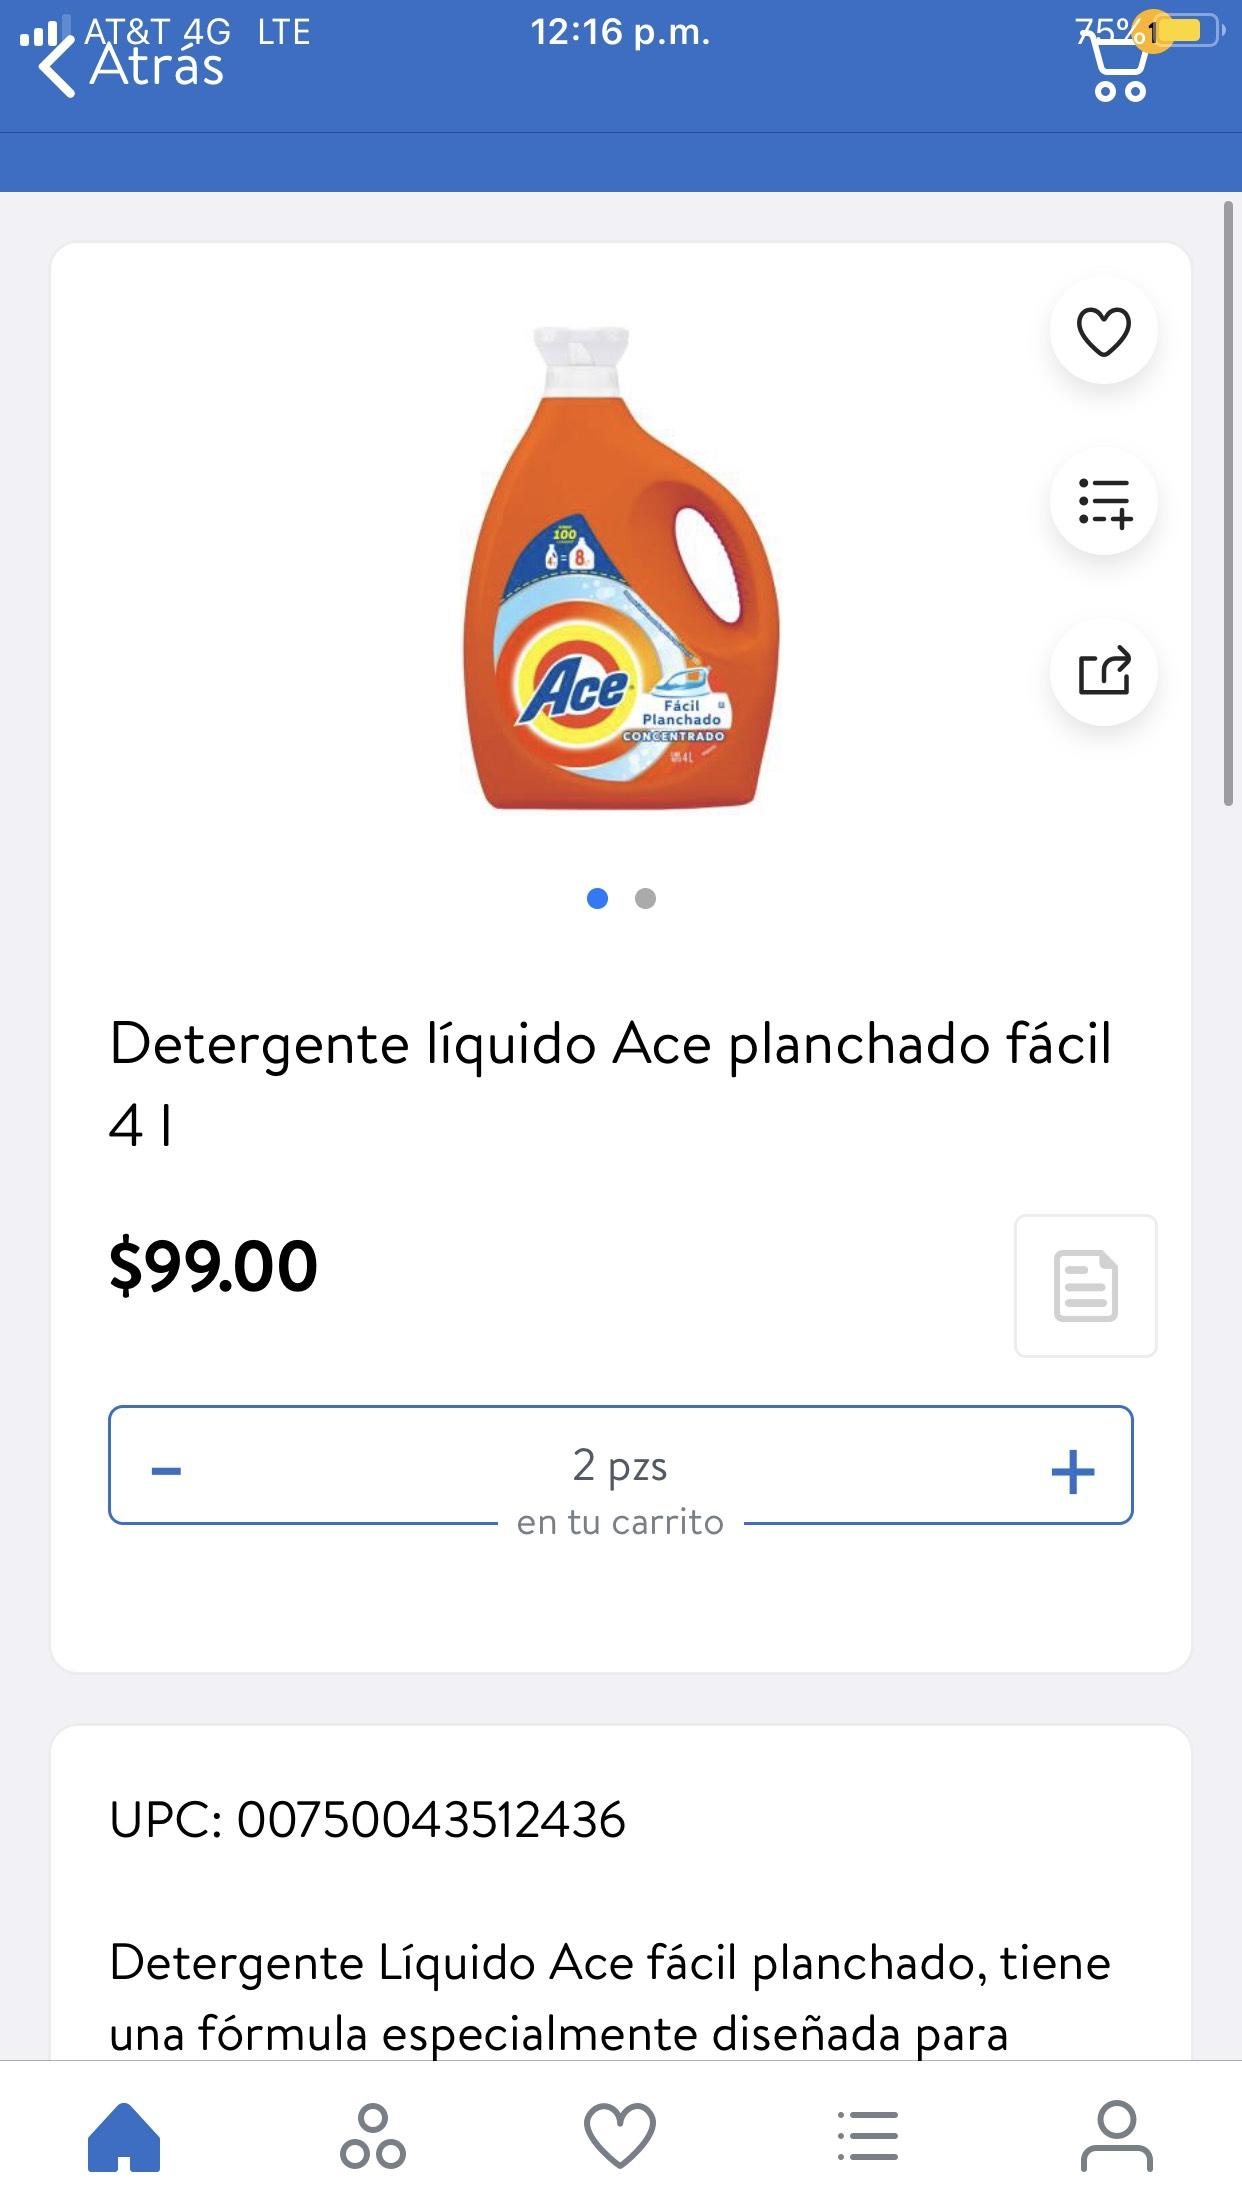 En Walmart Detergente Ace líquido planchado fácil 4 litros